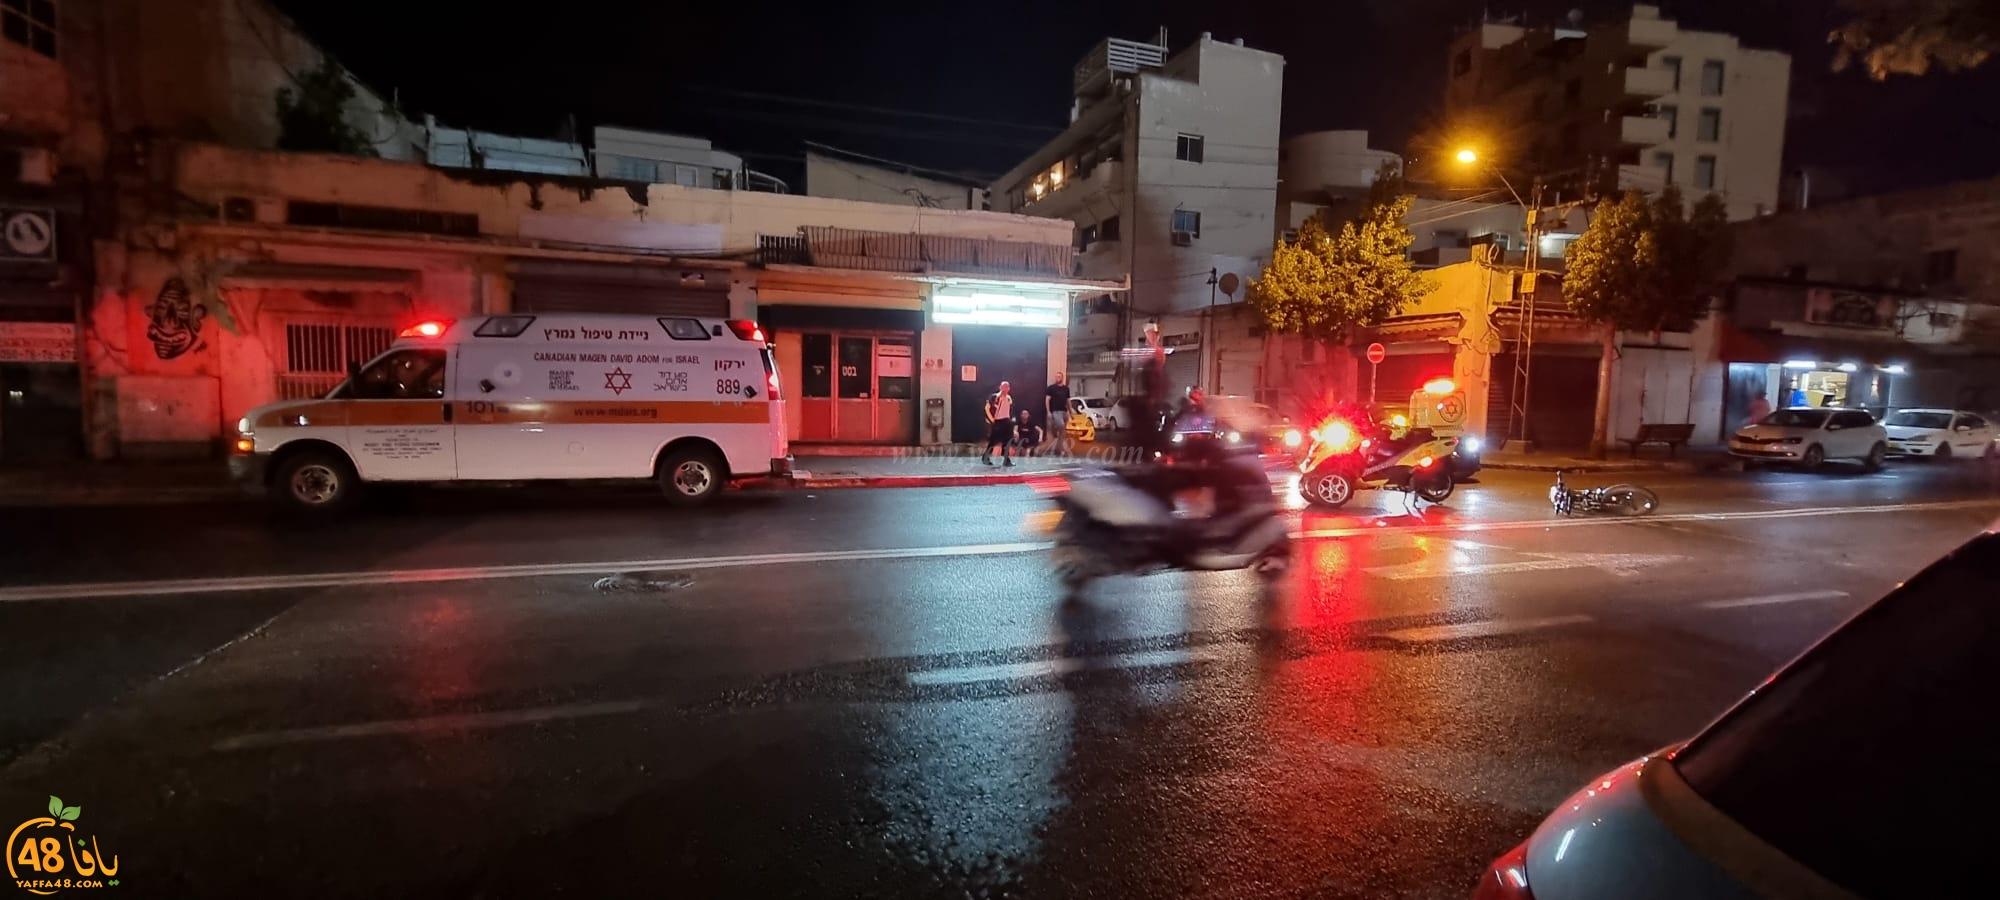 يافا: اصابة طفيفة لراكب دراجة كهربائية بحادث دهس